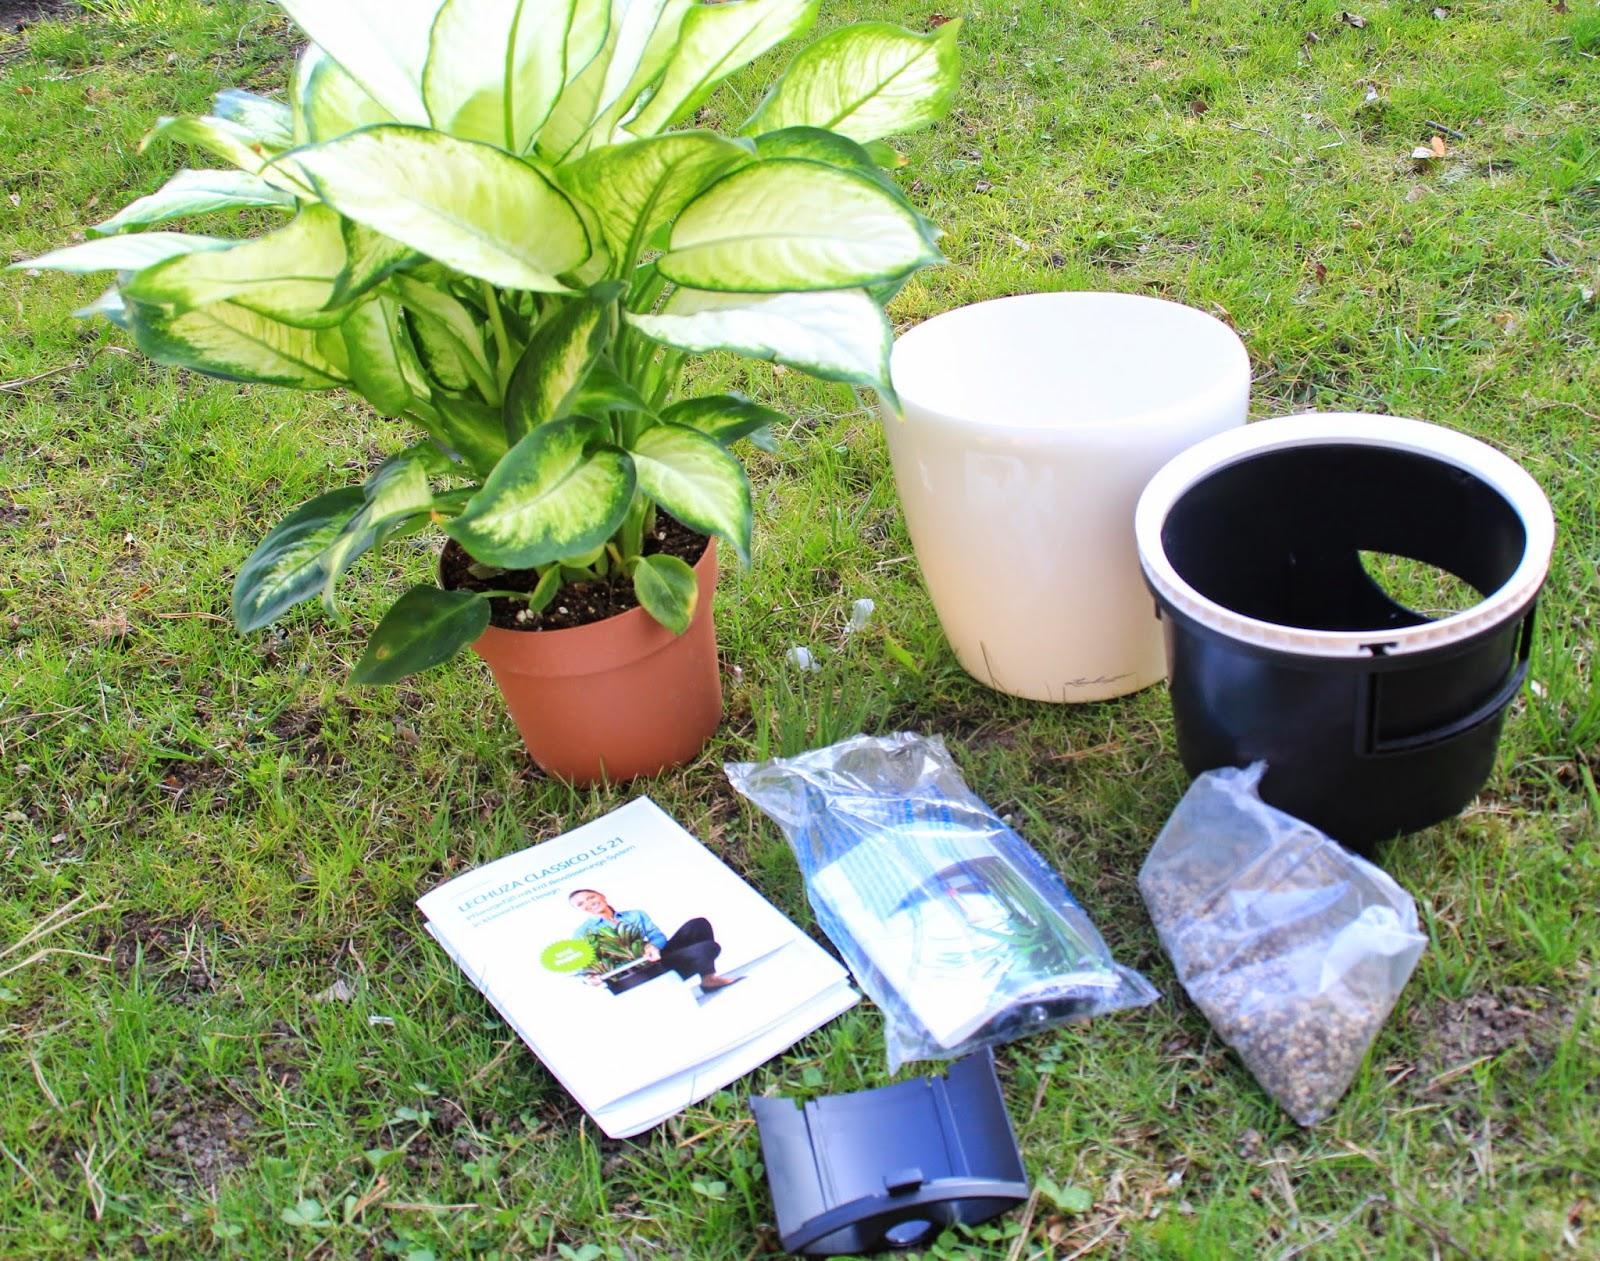 jucheer testet lechuza design f r die pflanzen. Black Bedroom Furniture Sets. Home Design Ideas